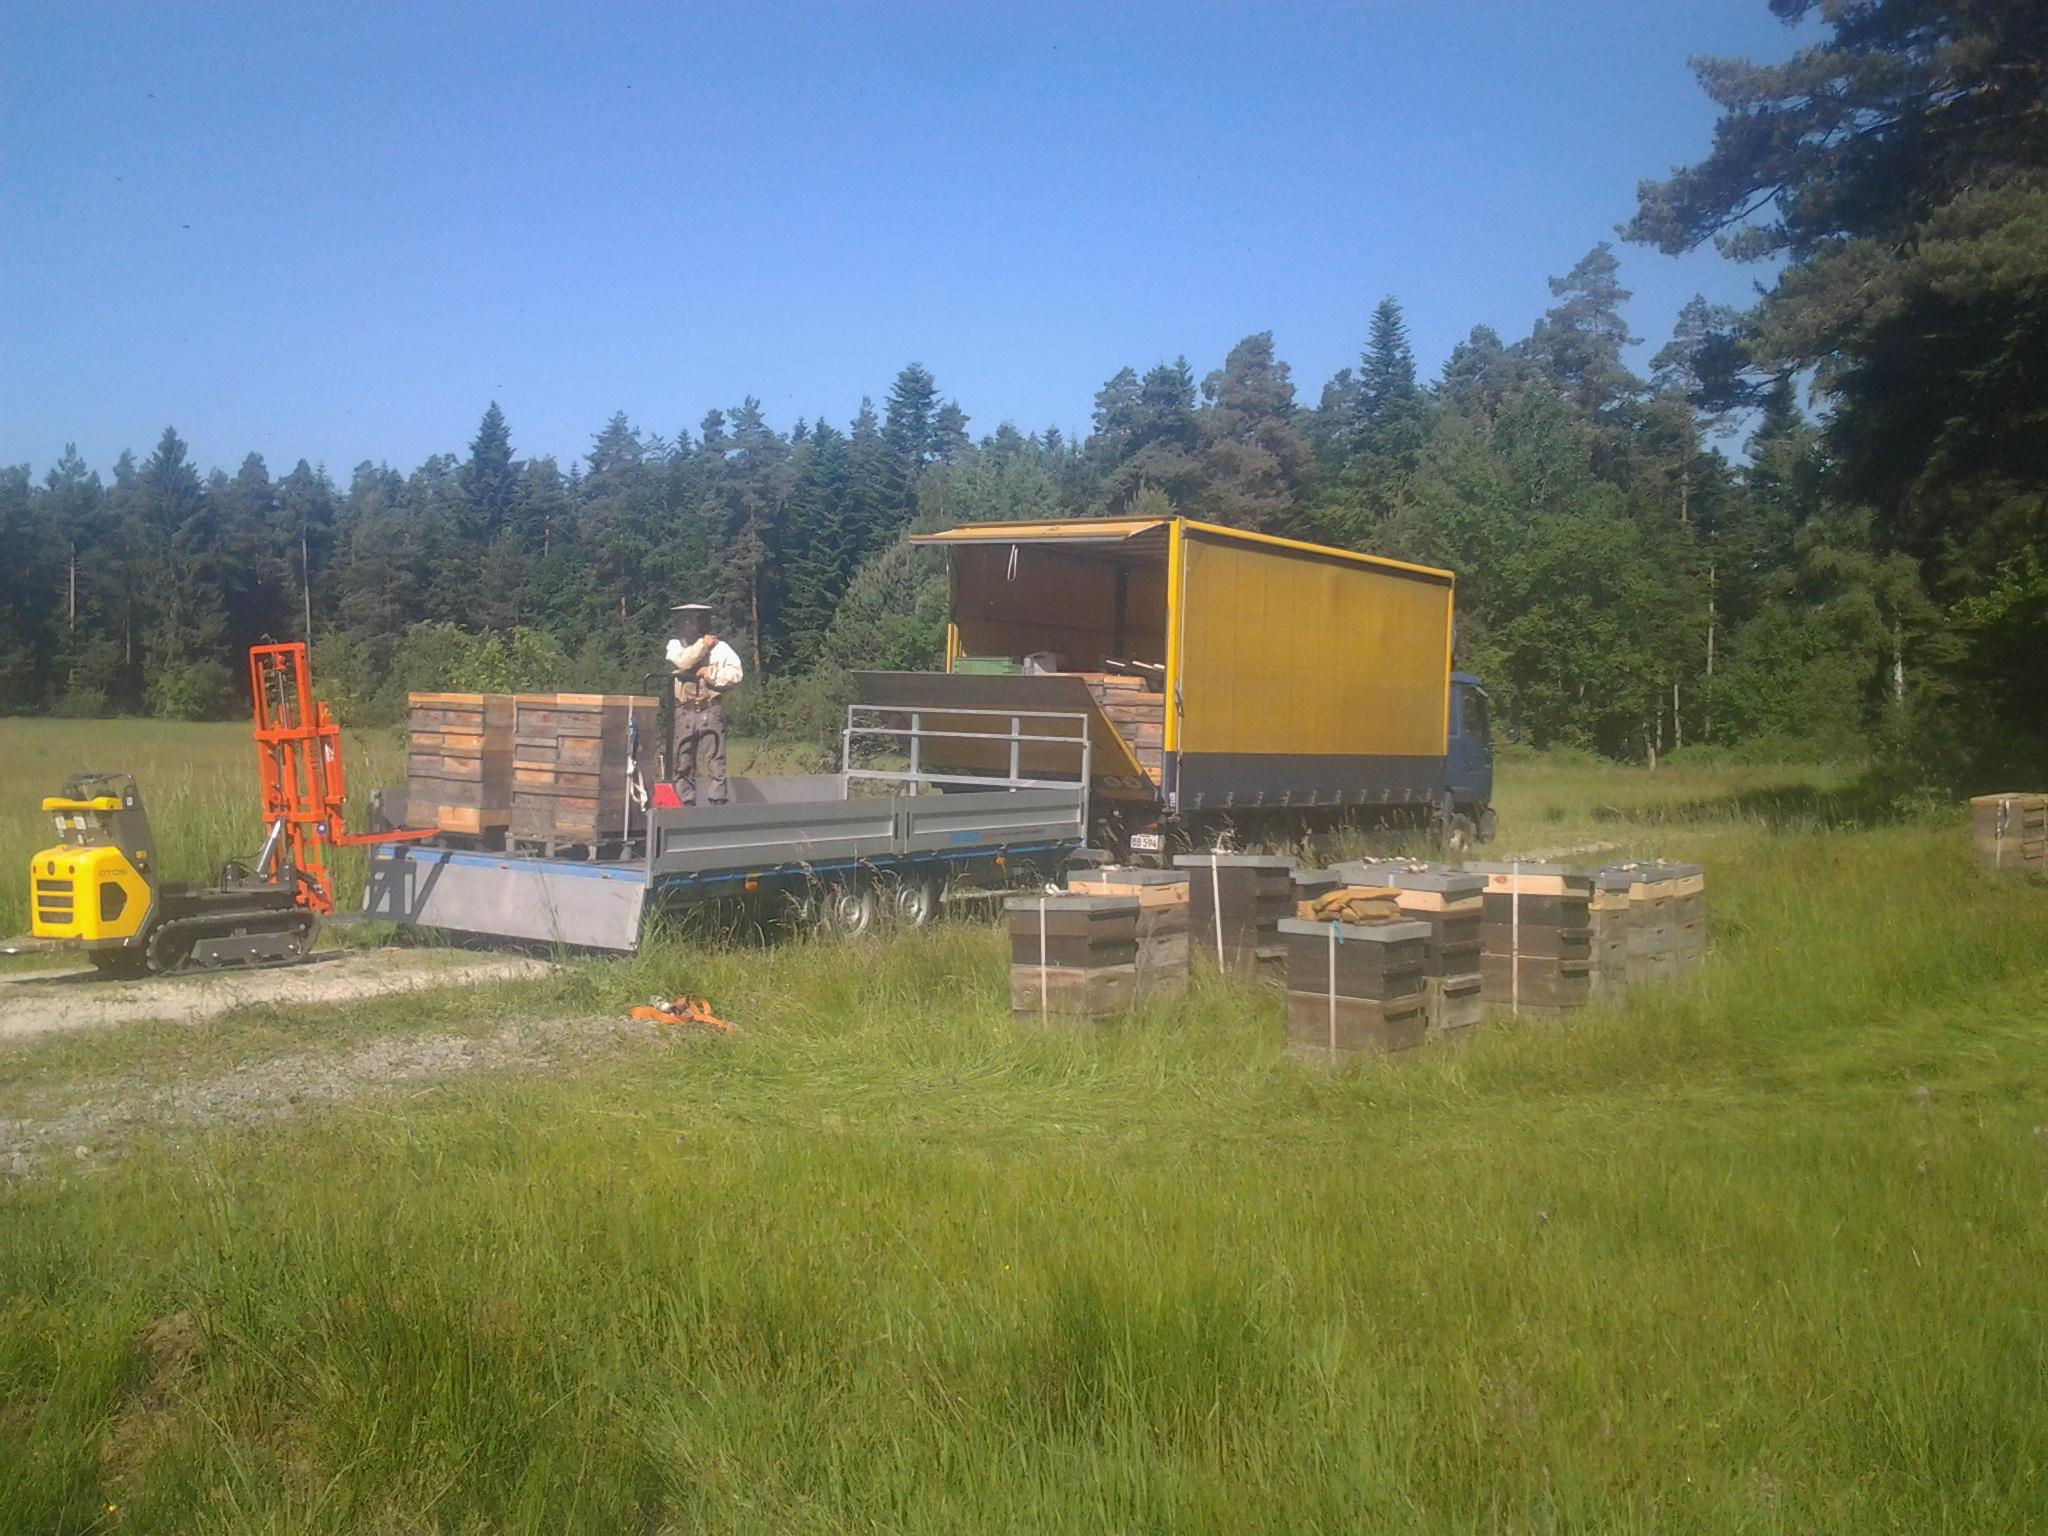 In den frühen Morgenstunden laden wir die Beuten ab und öffnen die Fluglöcher wieder.  Dann können die Bienen in den Nektarreichen Gebieten auf ihre  Sammelflüge gehen...